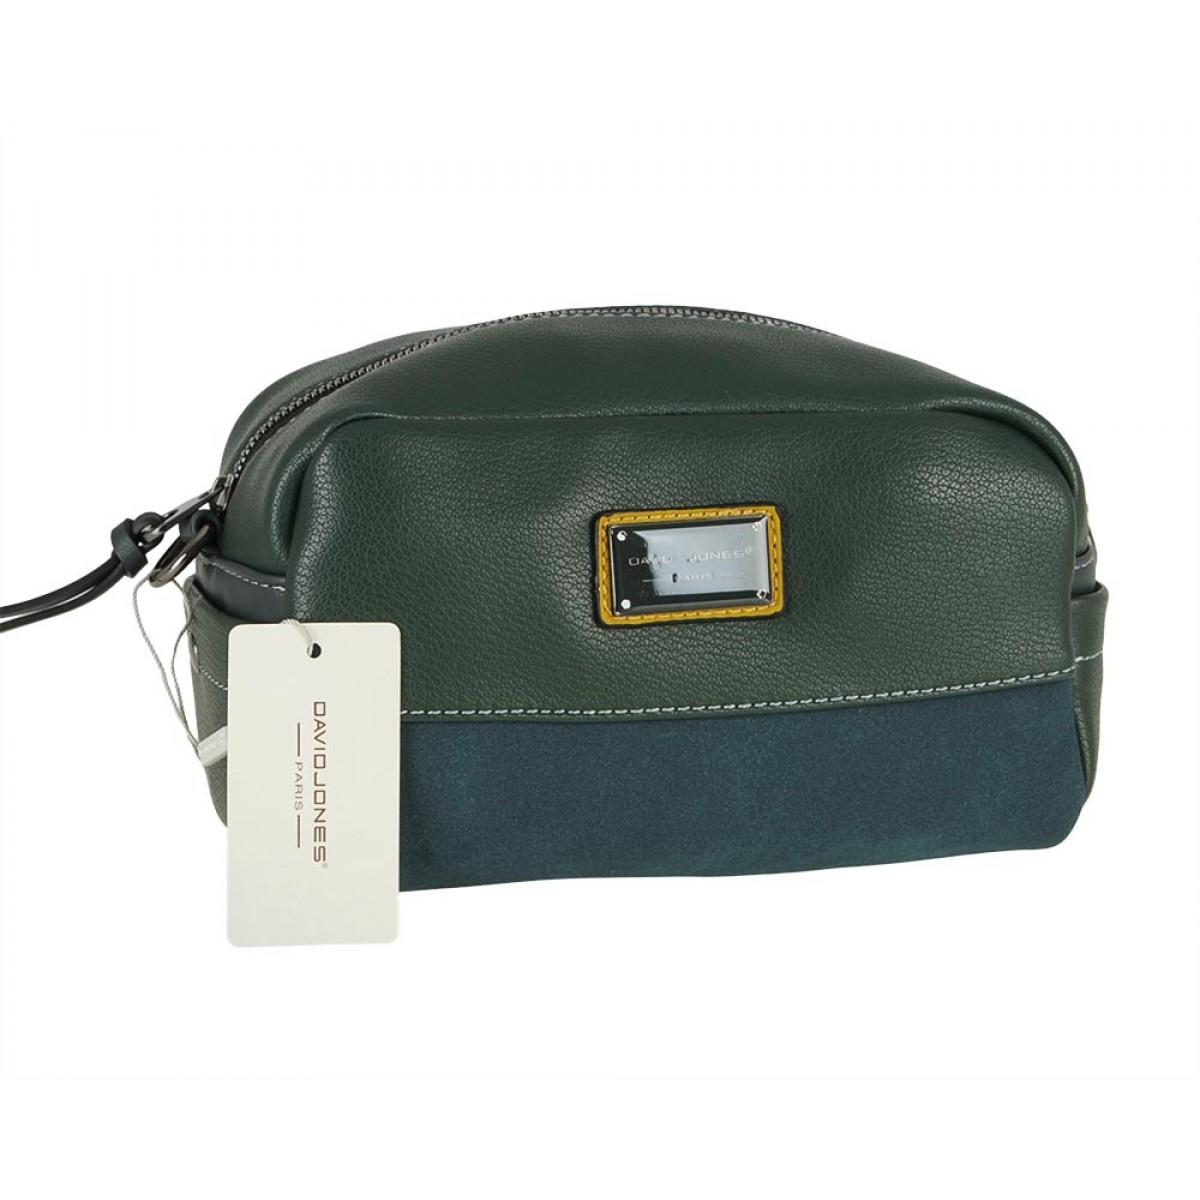 Жіноча сумка David Jones 6121-1 D.GREEN